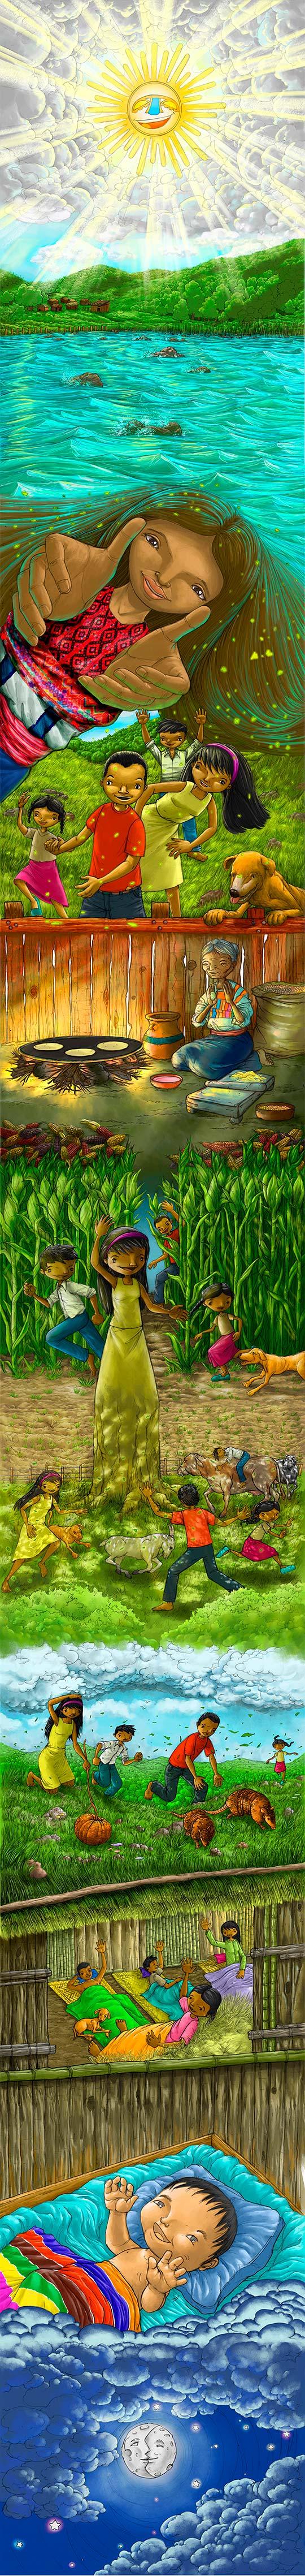 Ilustración de OCTAVIO JIMÉNEZ aka Moztadio